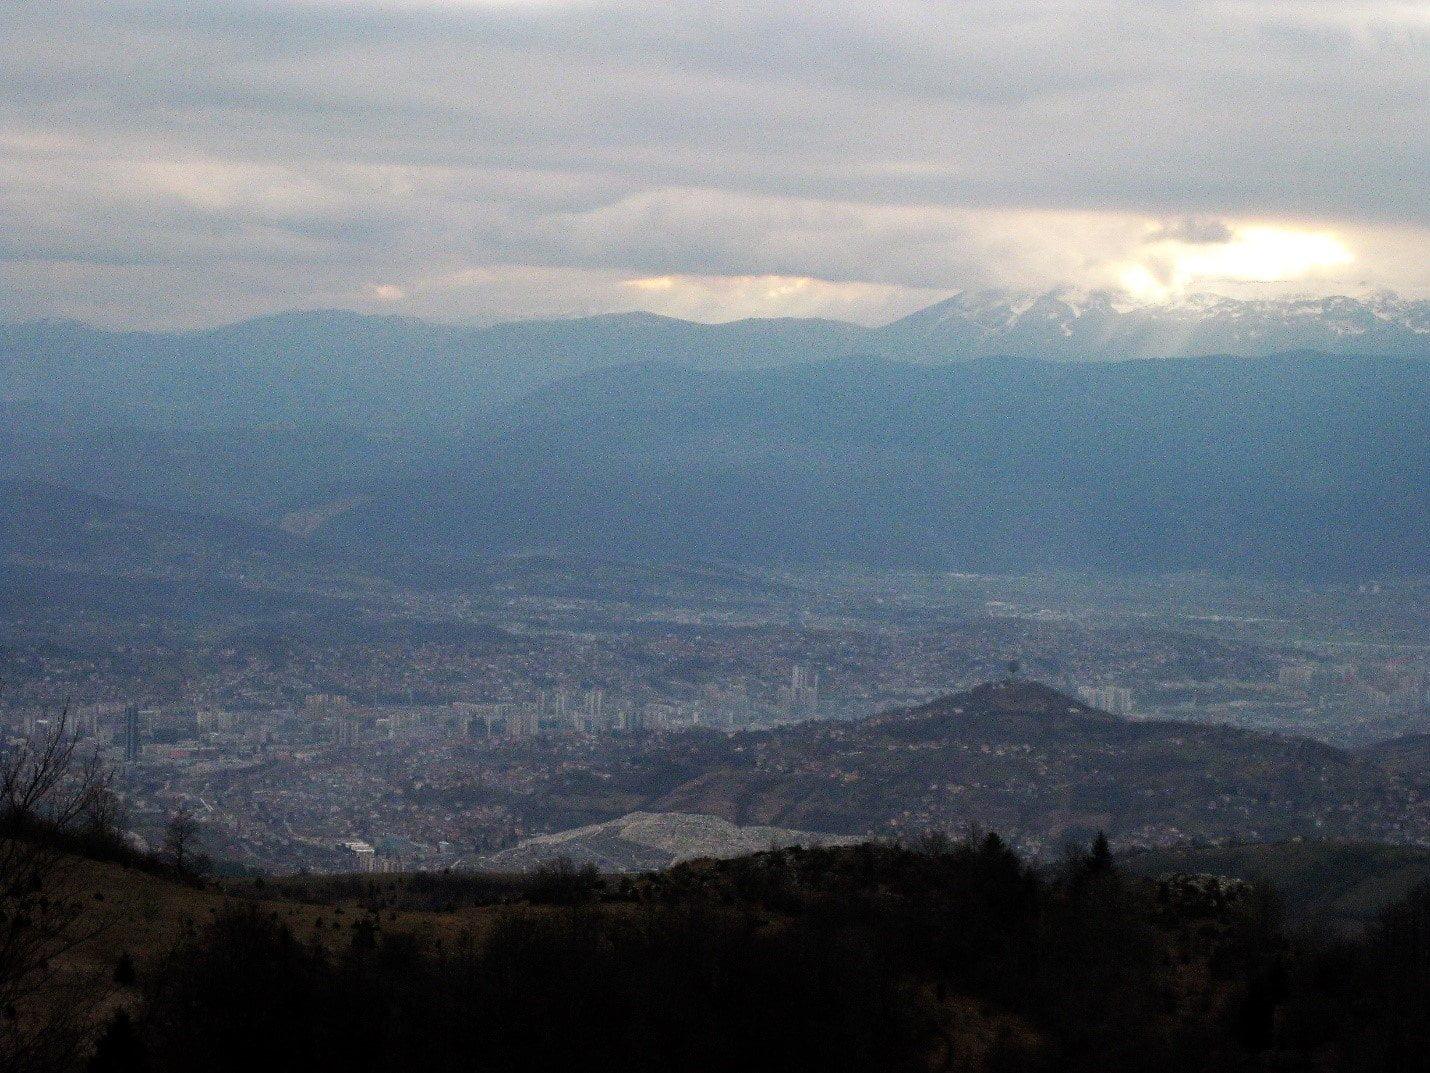 Hiking in Bosnia and Herzegovina